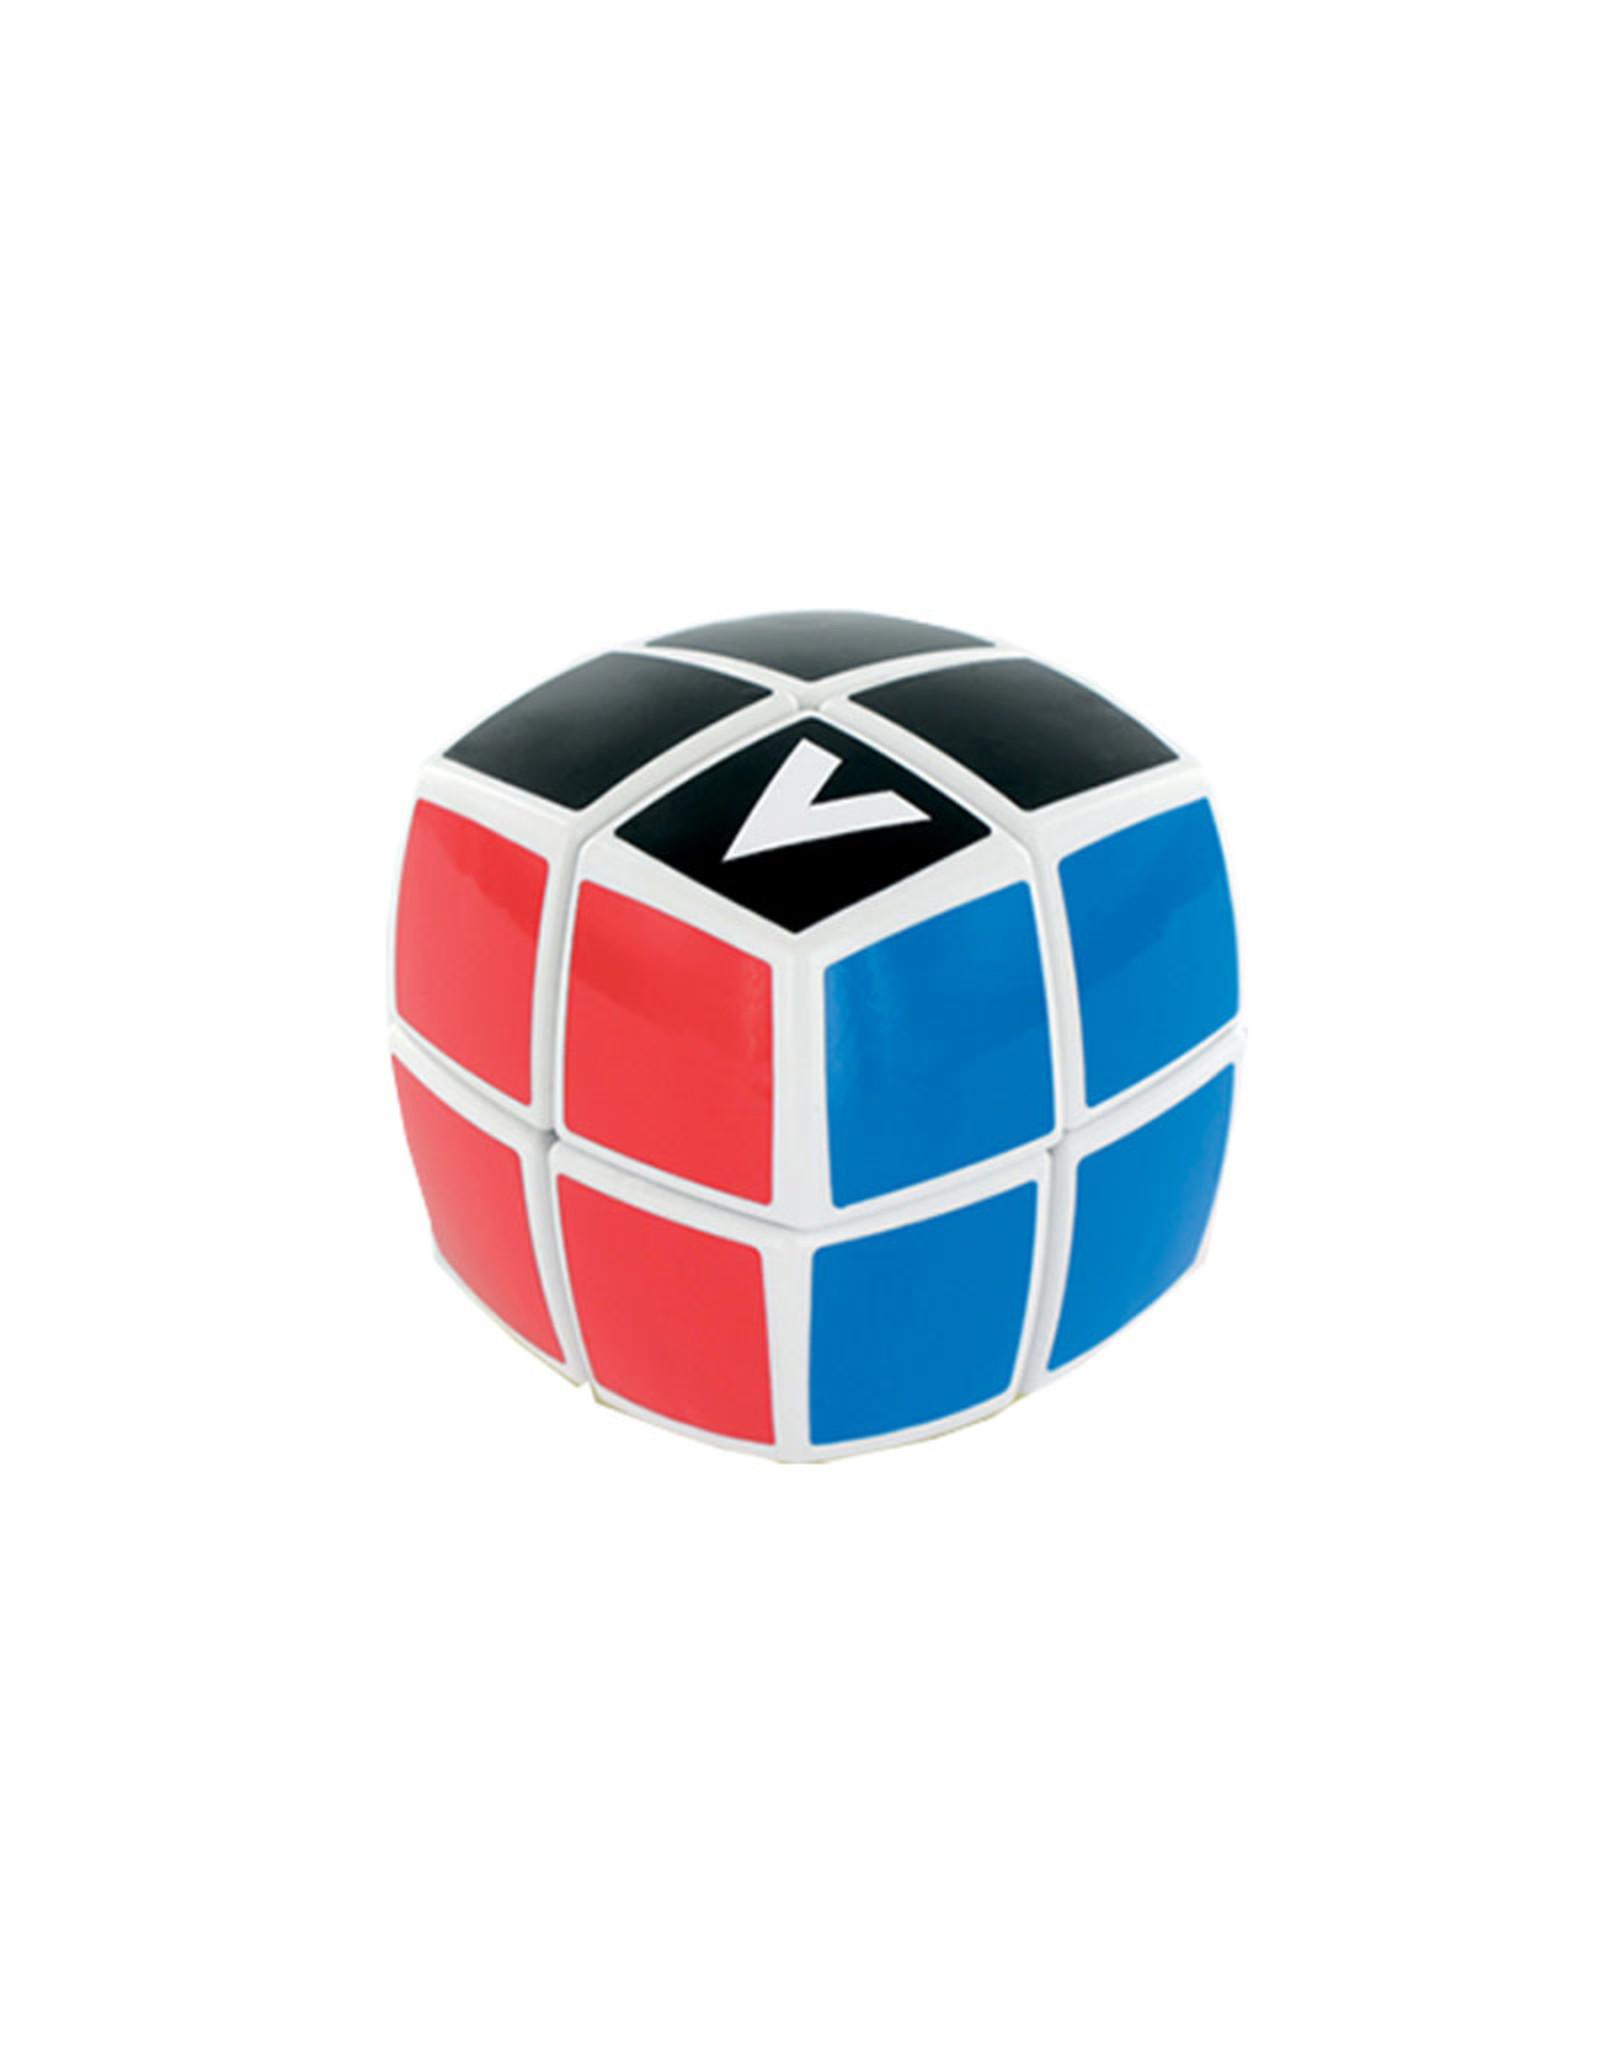 V-Cube 2X2 Pillowed